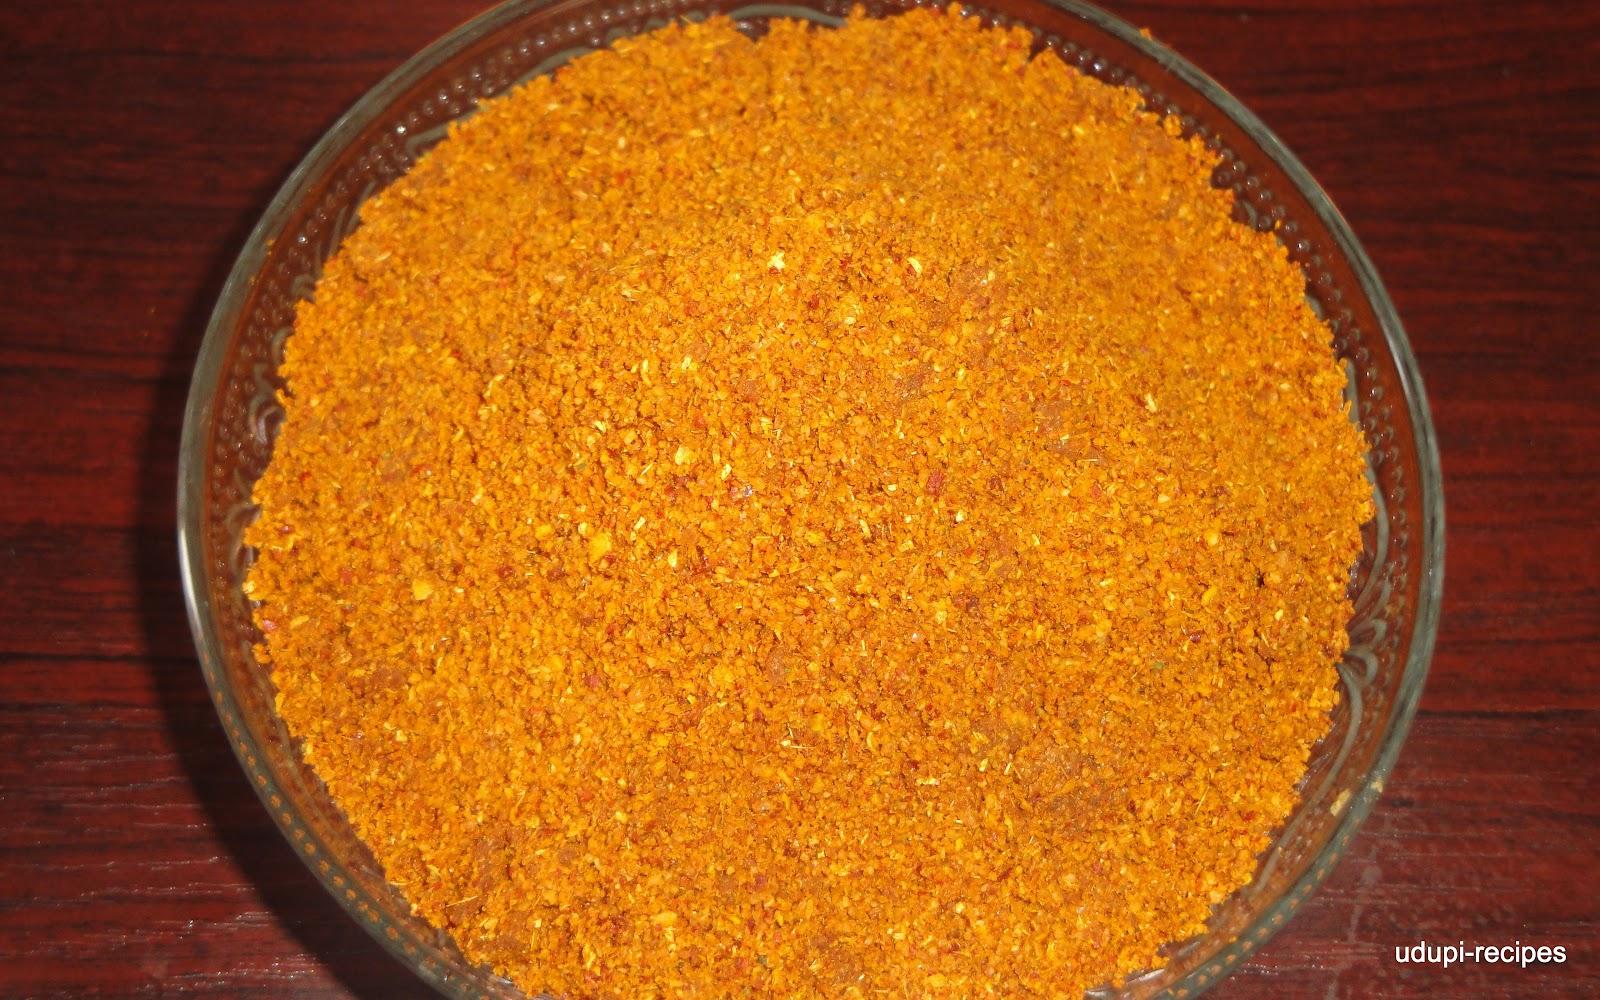 how to make sambar with sambar powder